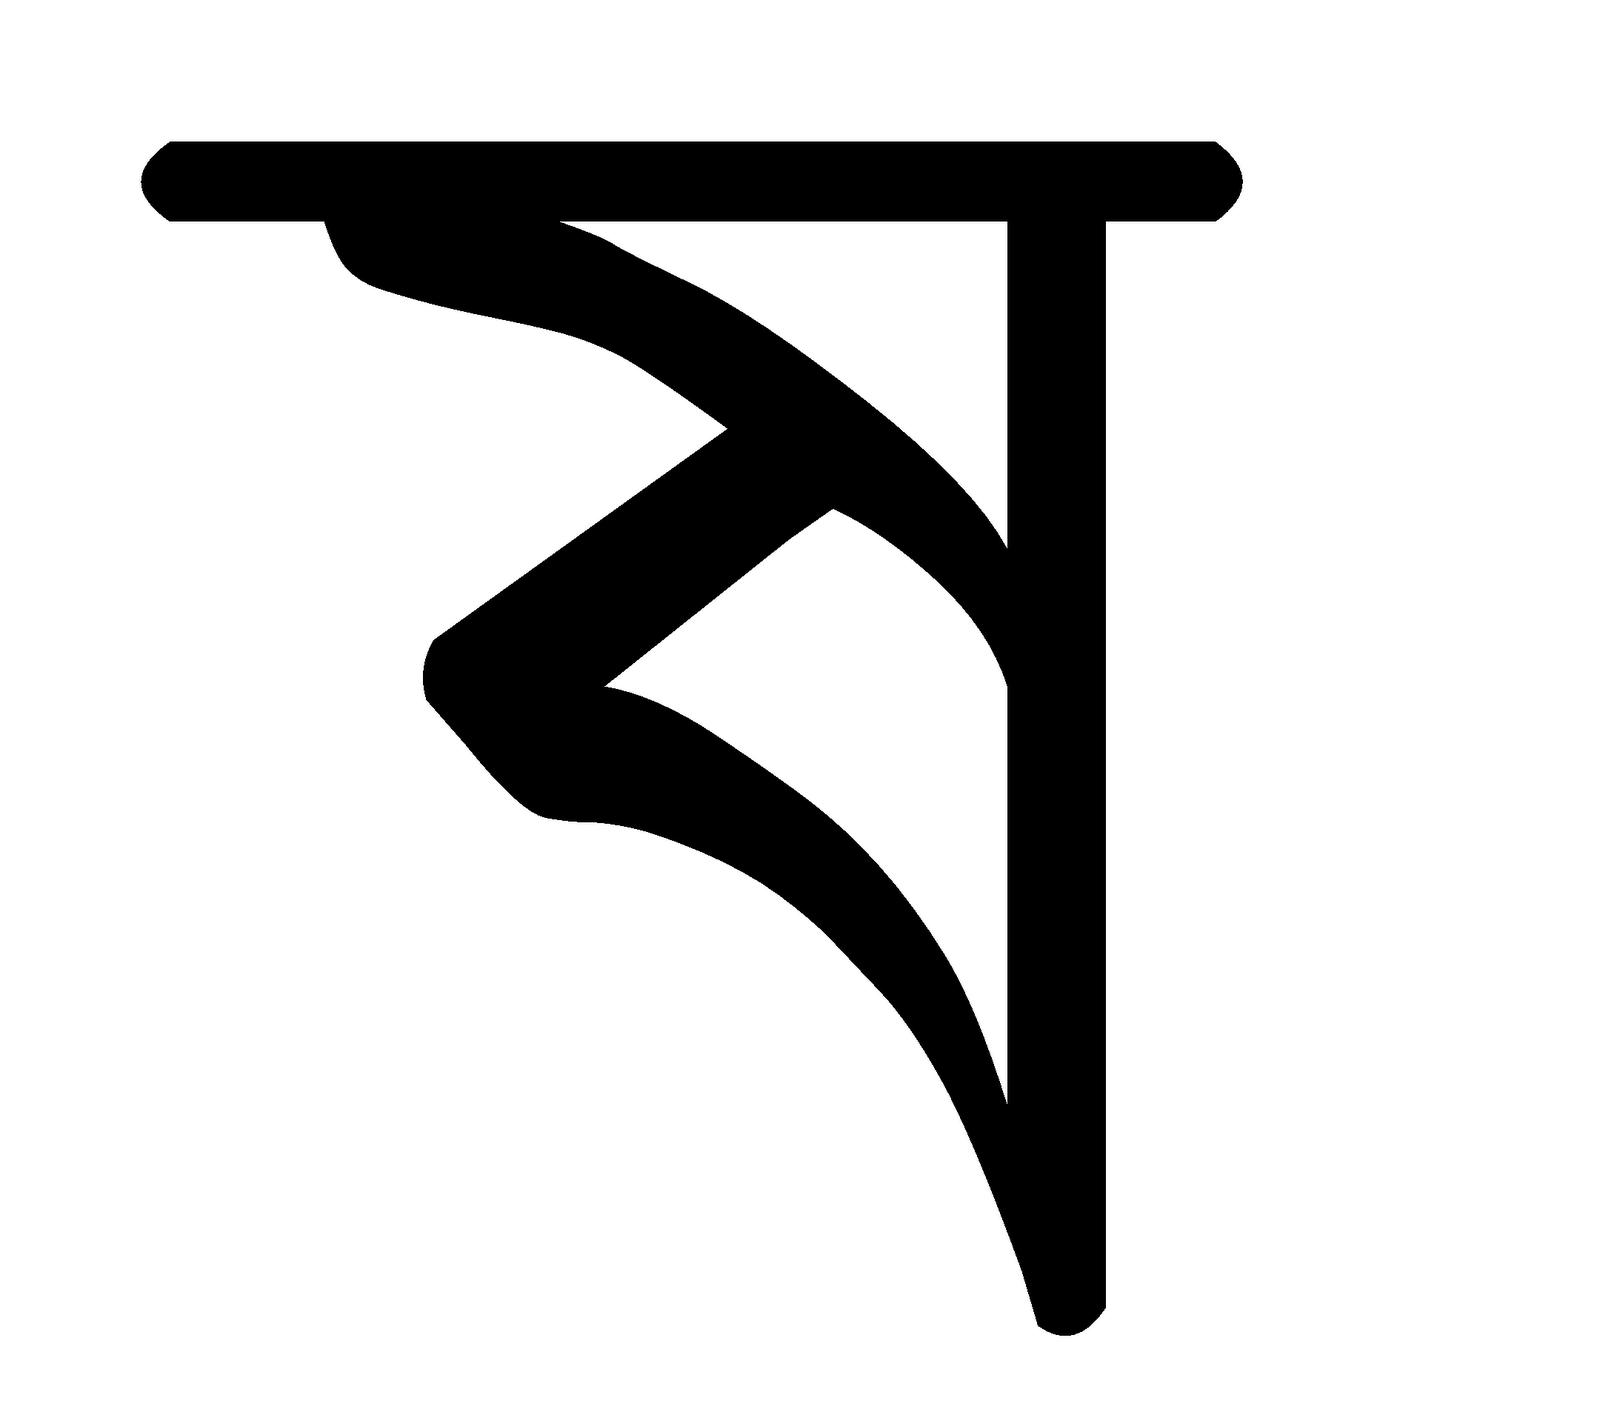 বাংলা বিশ্ব Bangla Biswa: লেখাপড়া-- বাংলা শিক্ষার